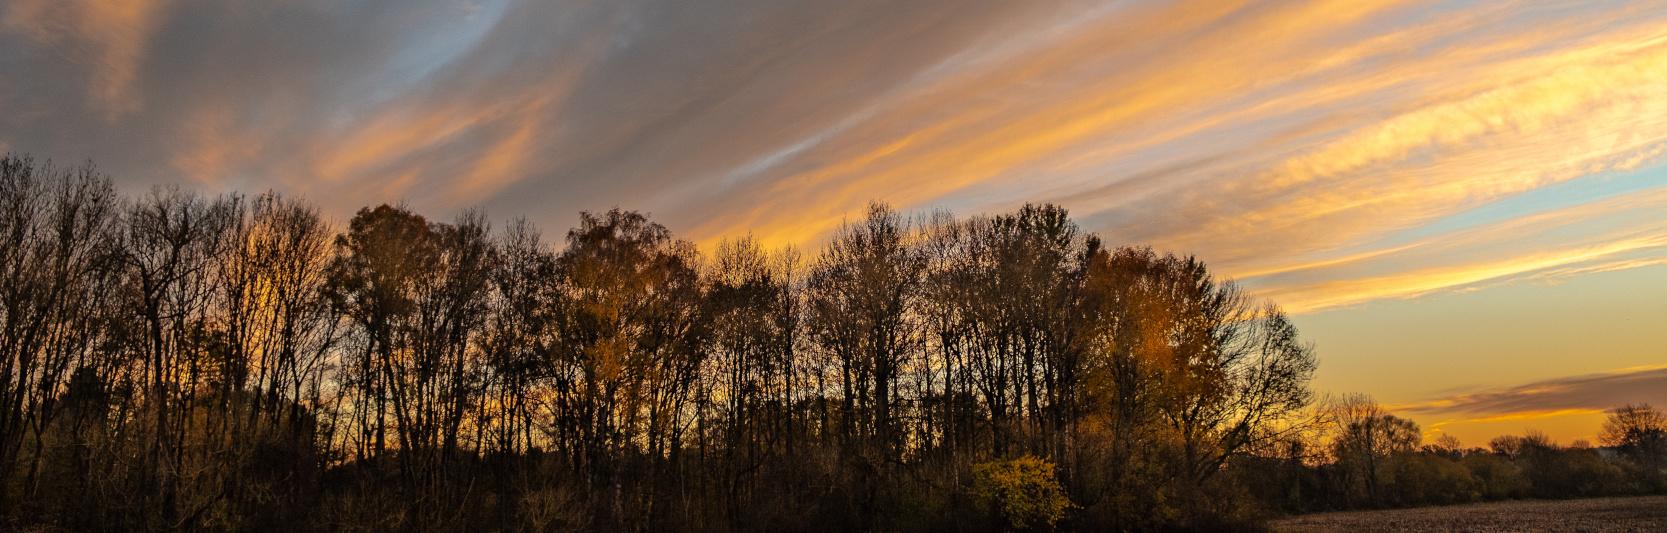 Bestattungen bei Sonnenuntergang in Gröbenzell